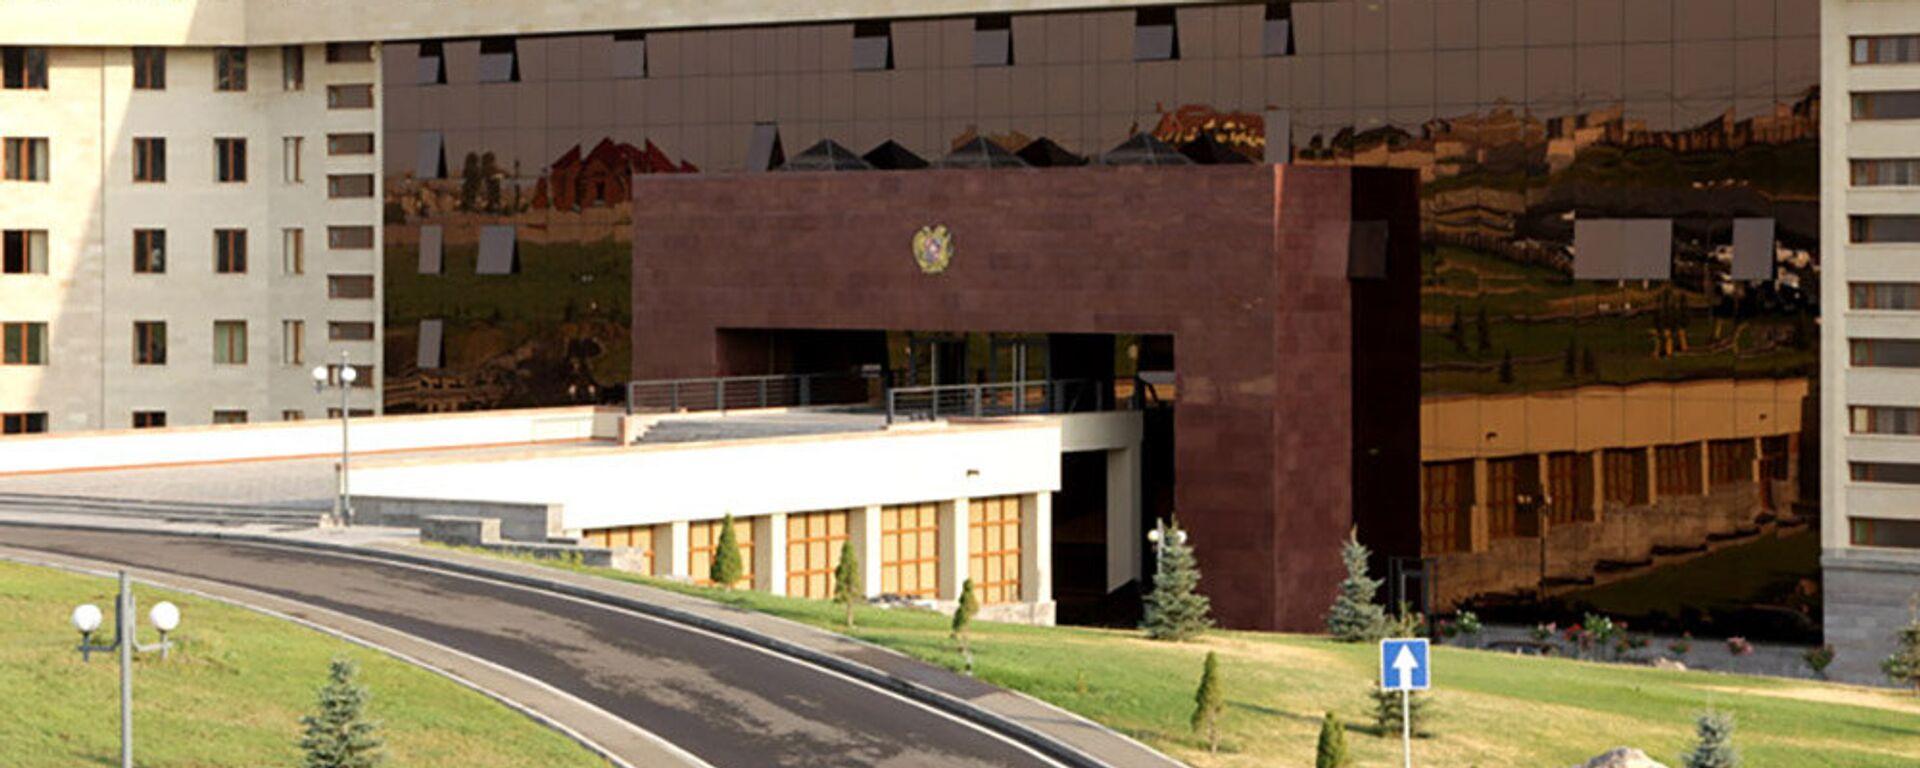 Министерство обороны Армении  - Sputnik Армения, 1920, 24.05.2021